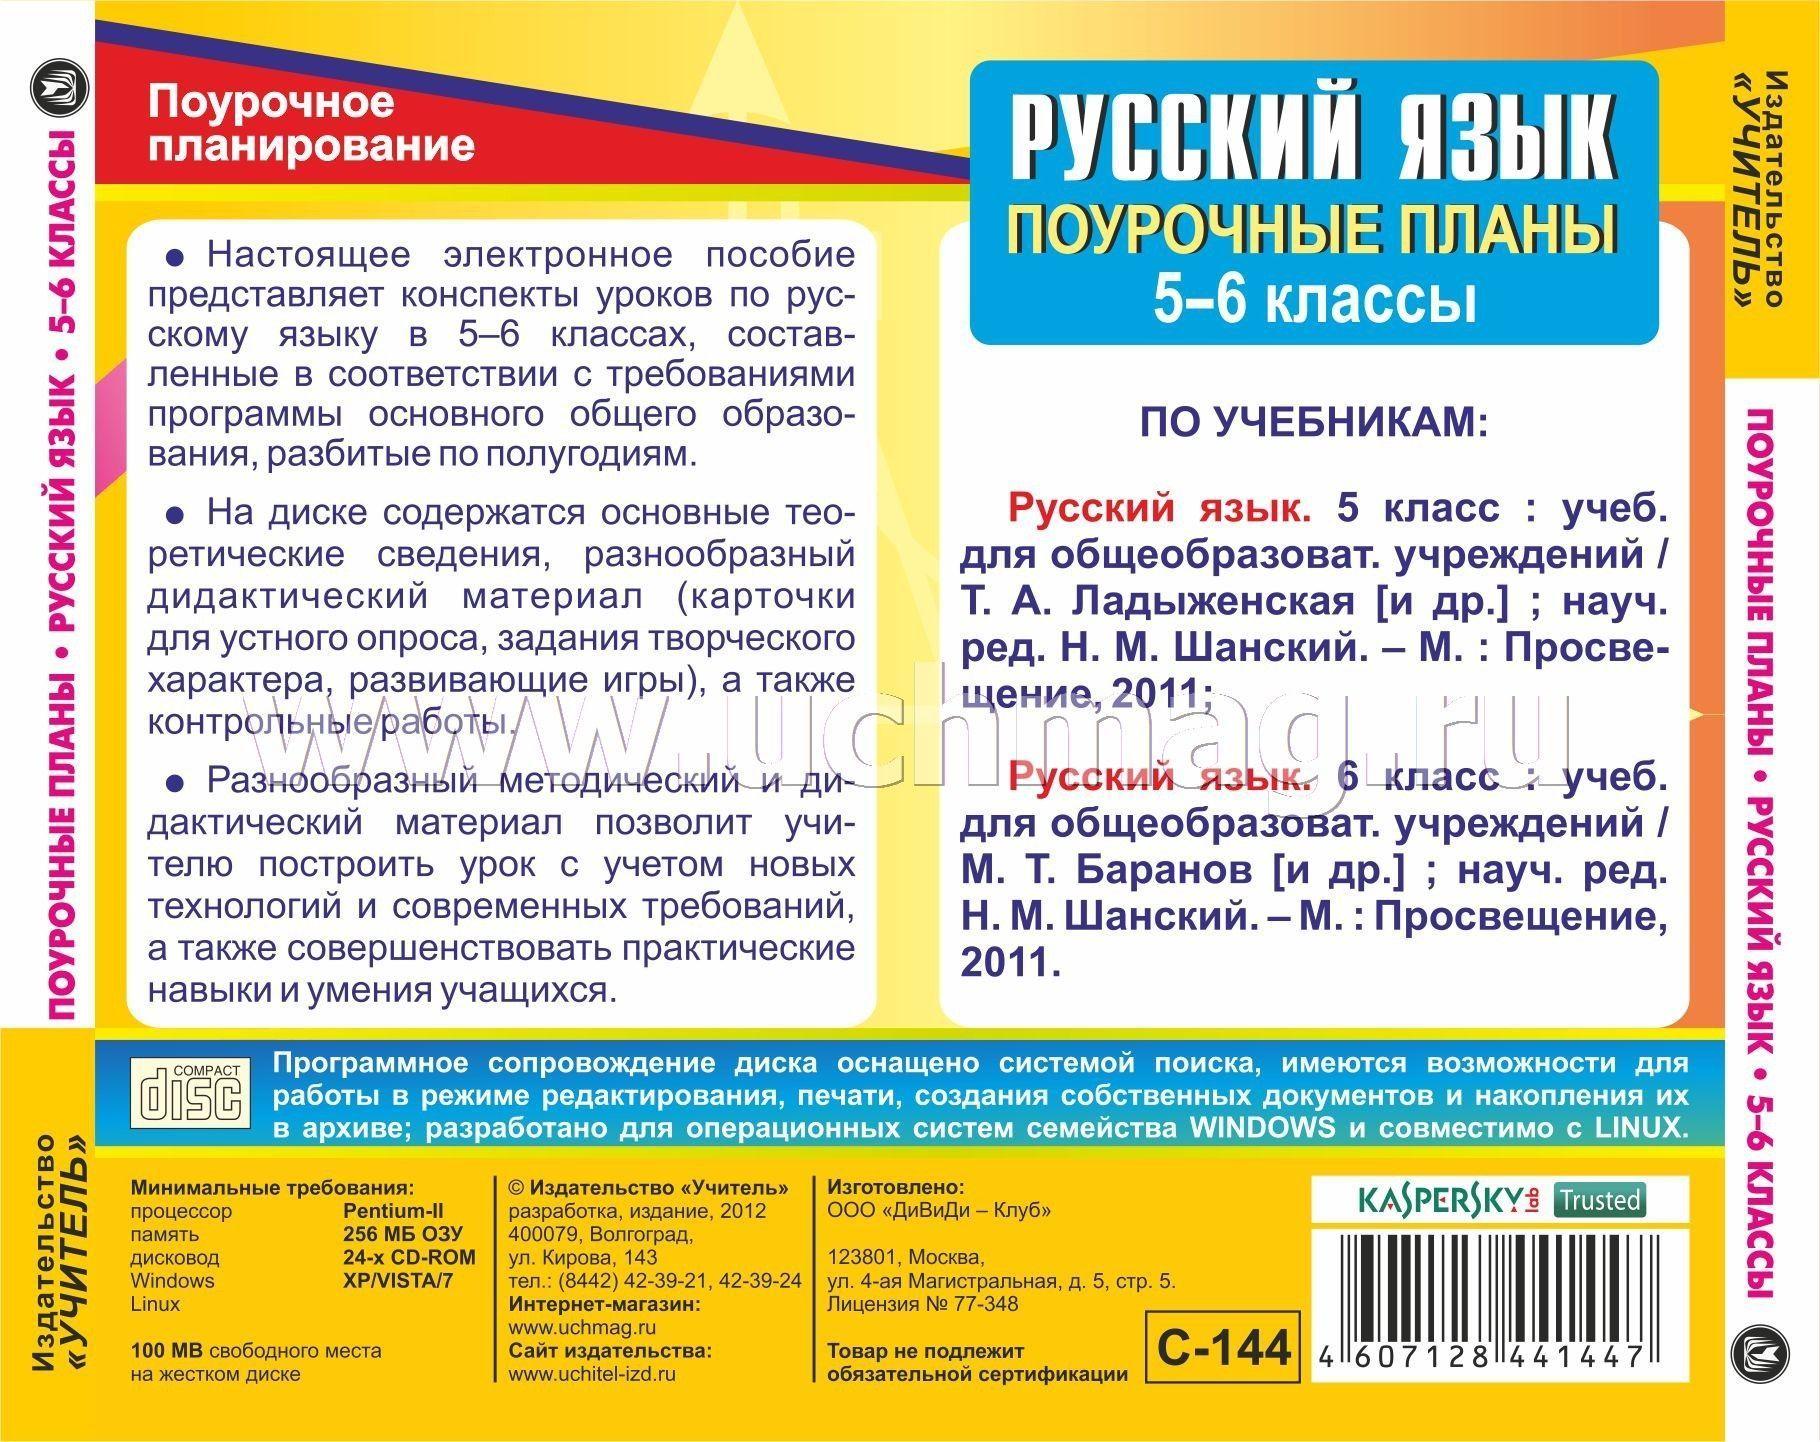 Djvu учебник русского языка т.а.ладыженская 5 класс скачать бесплатно